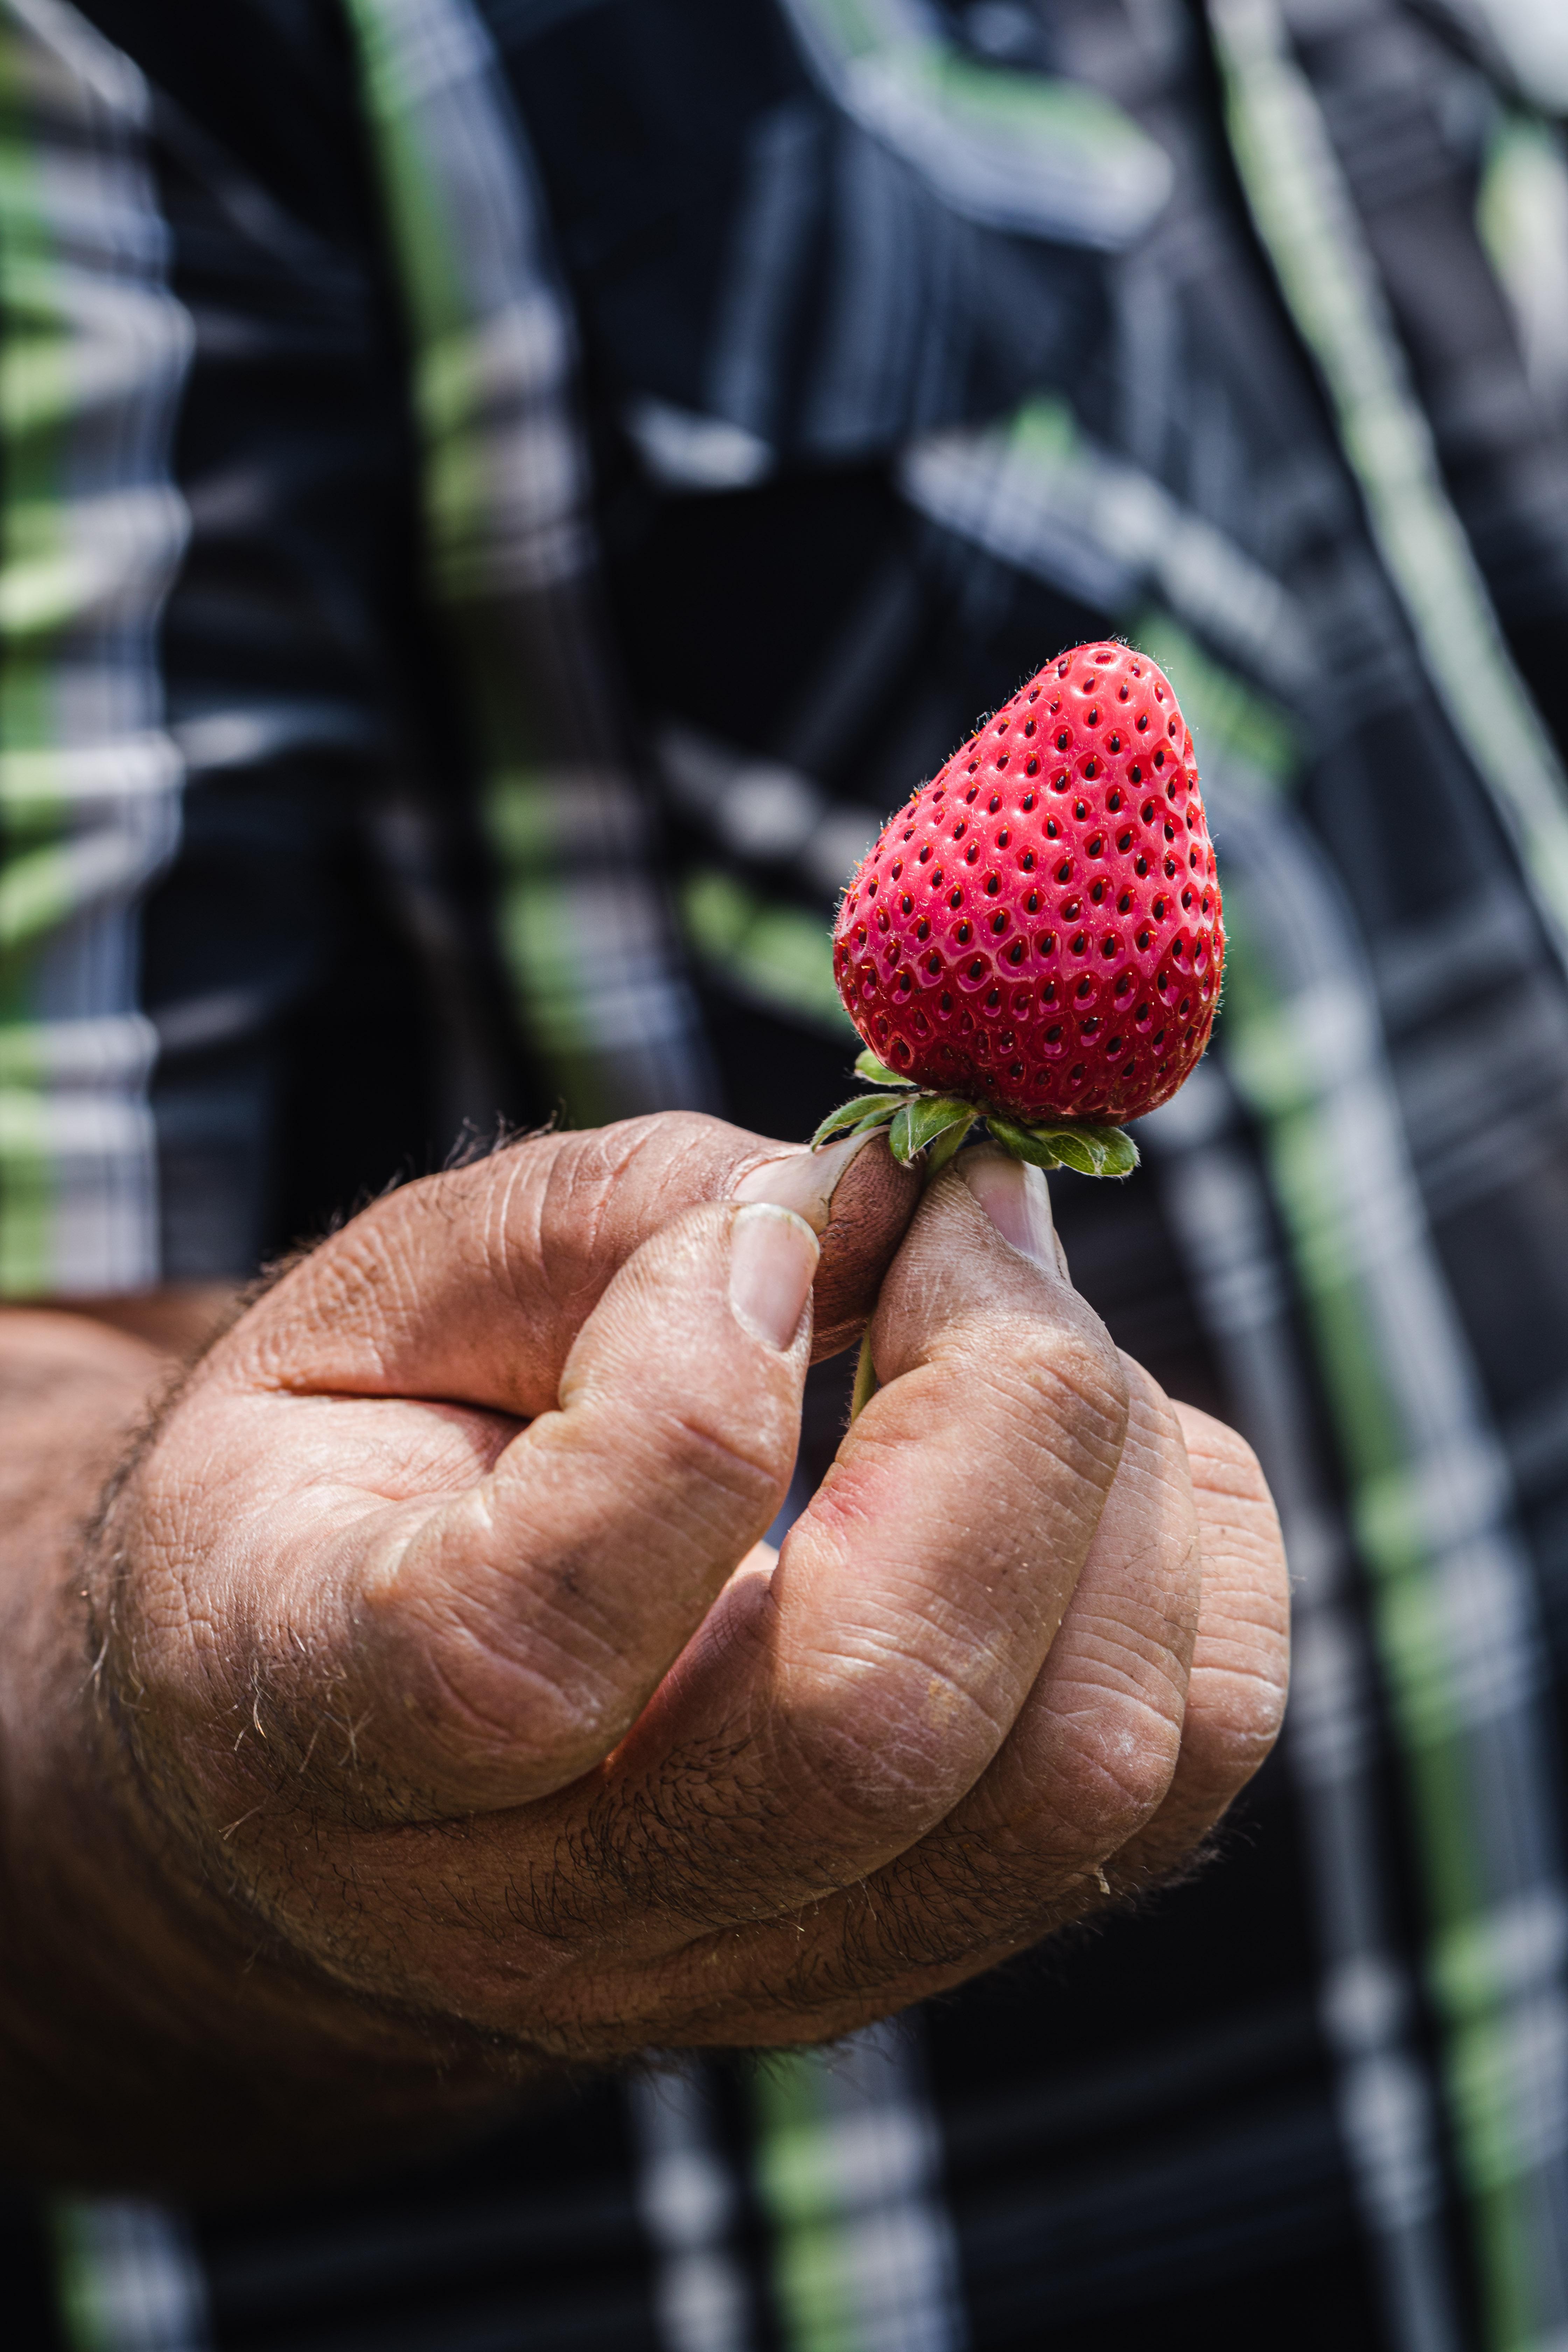 Javier Zamora, of JSM Organics, holding a freshly harvested strawberry.